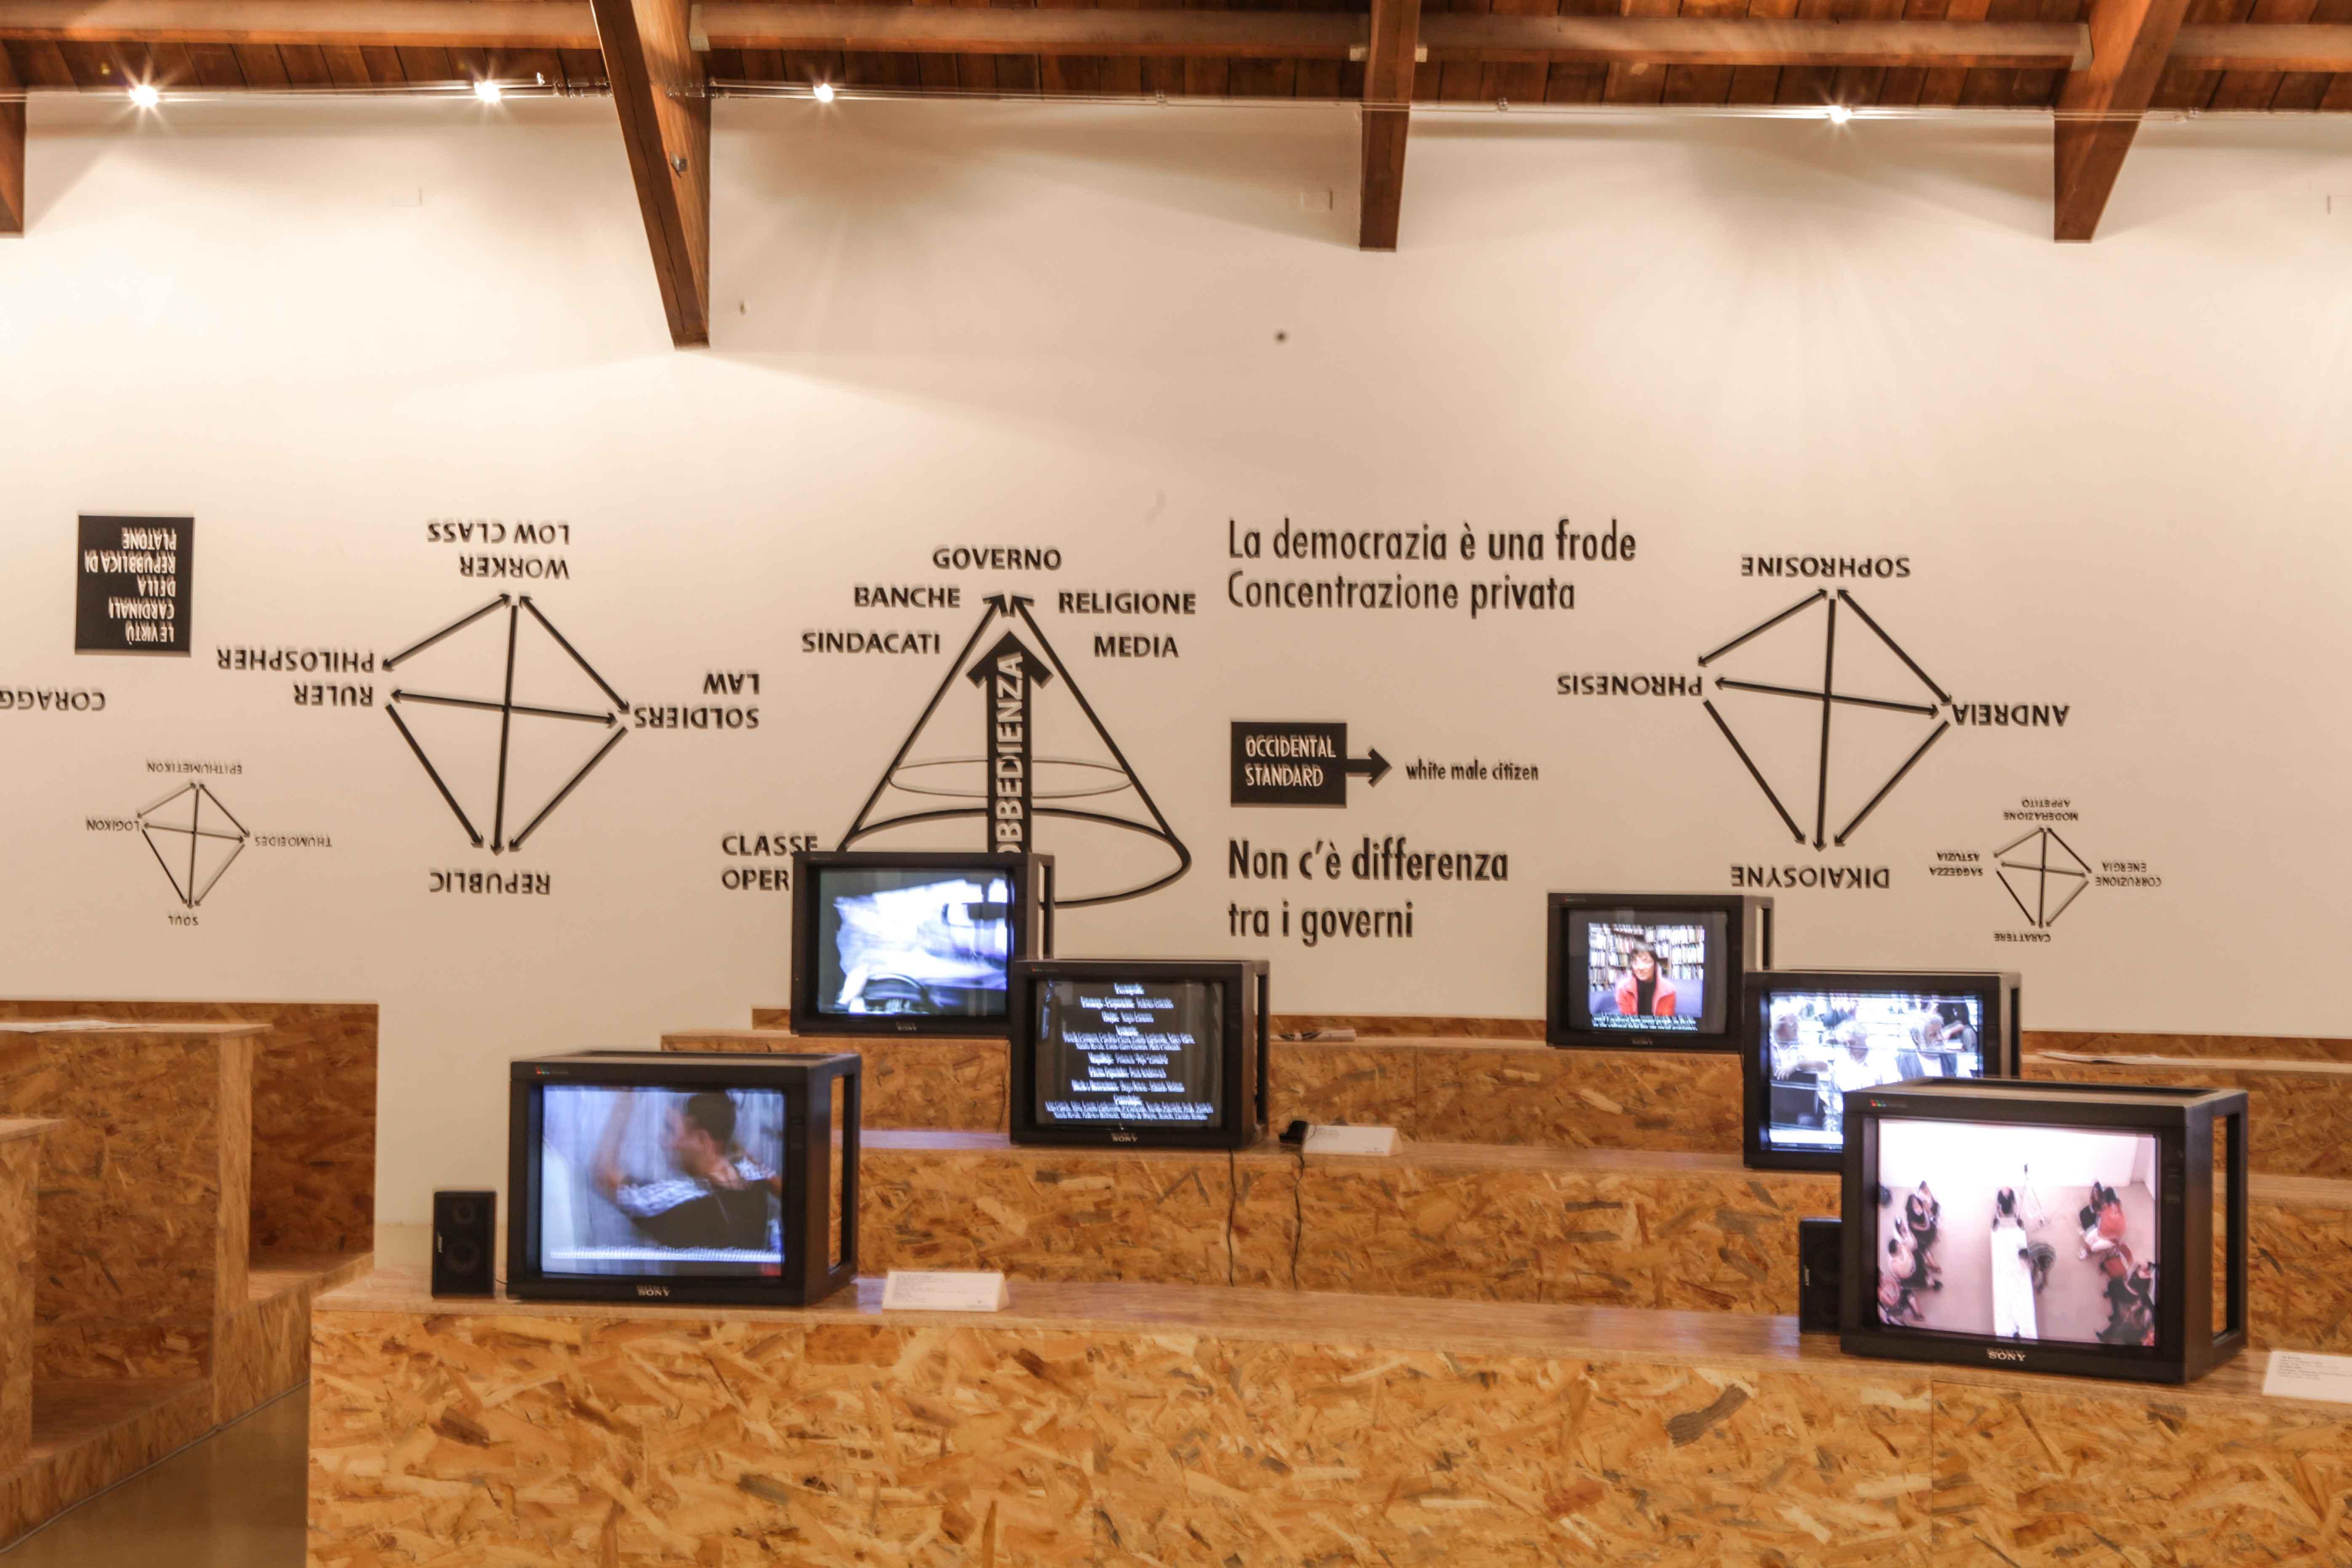 Disobedience Archive (The Republic), a cura di Marco Scotini, Courtesy Castello di Rivoli Museo d'Arte Contemporanea, Rivoli – Torino, 2013. Foto: Glauco Canalis, Torino, 2013